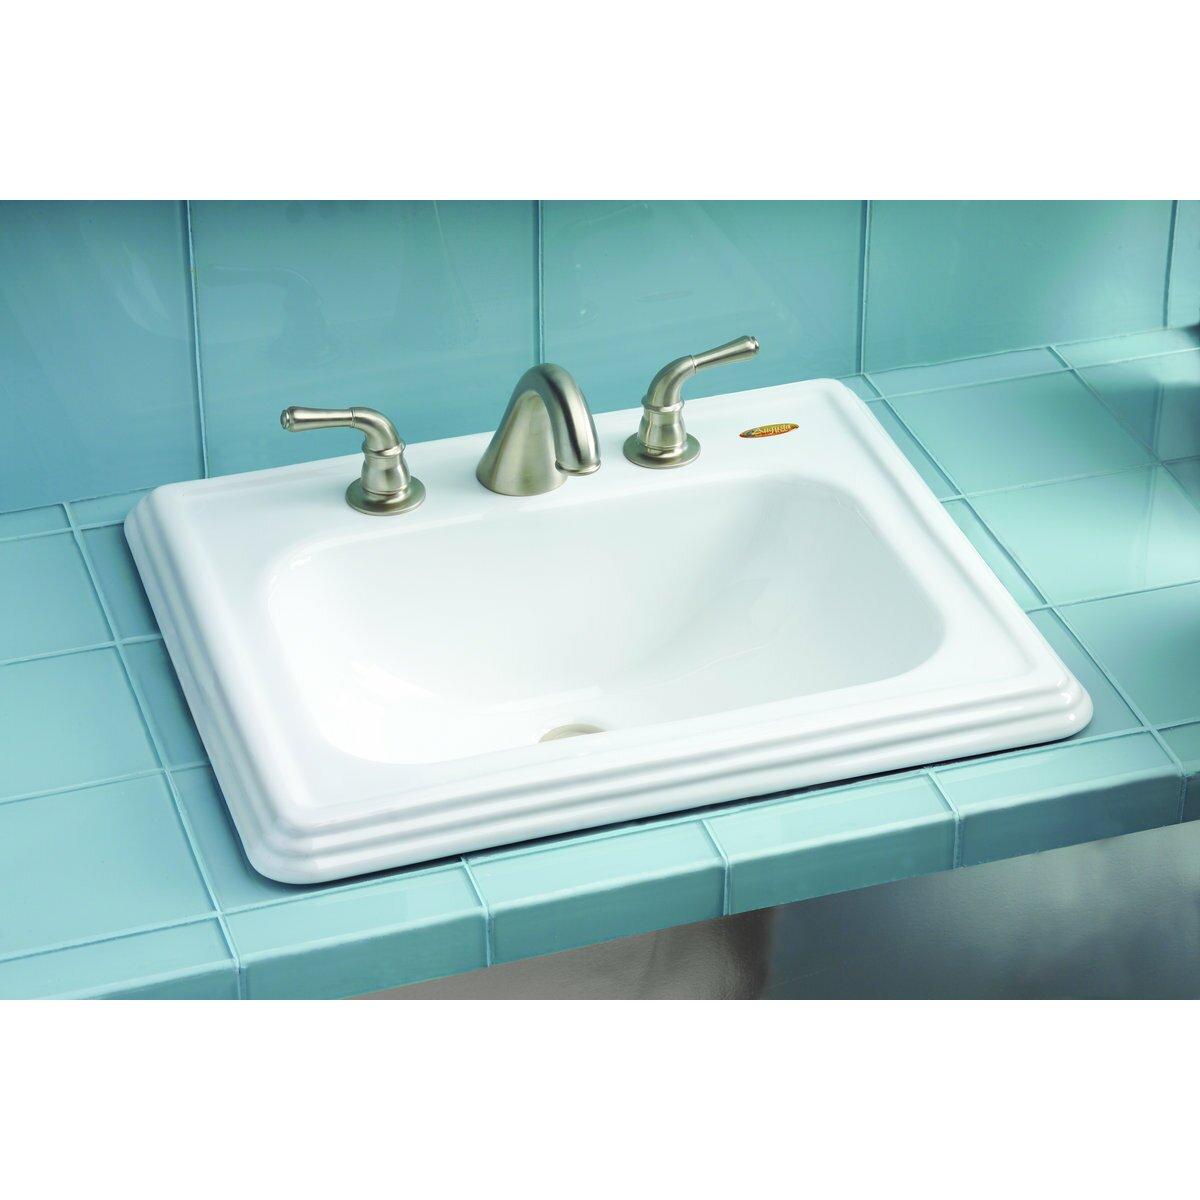 Toto Promenade Self Rimming Bathroom Sink Amp Reviews Wayfair